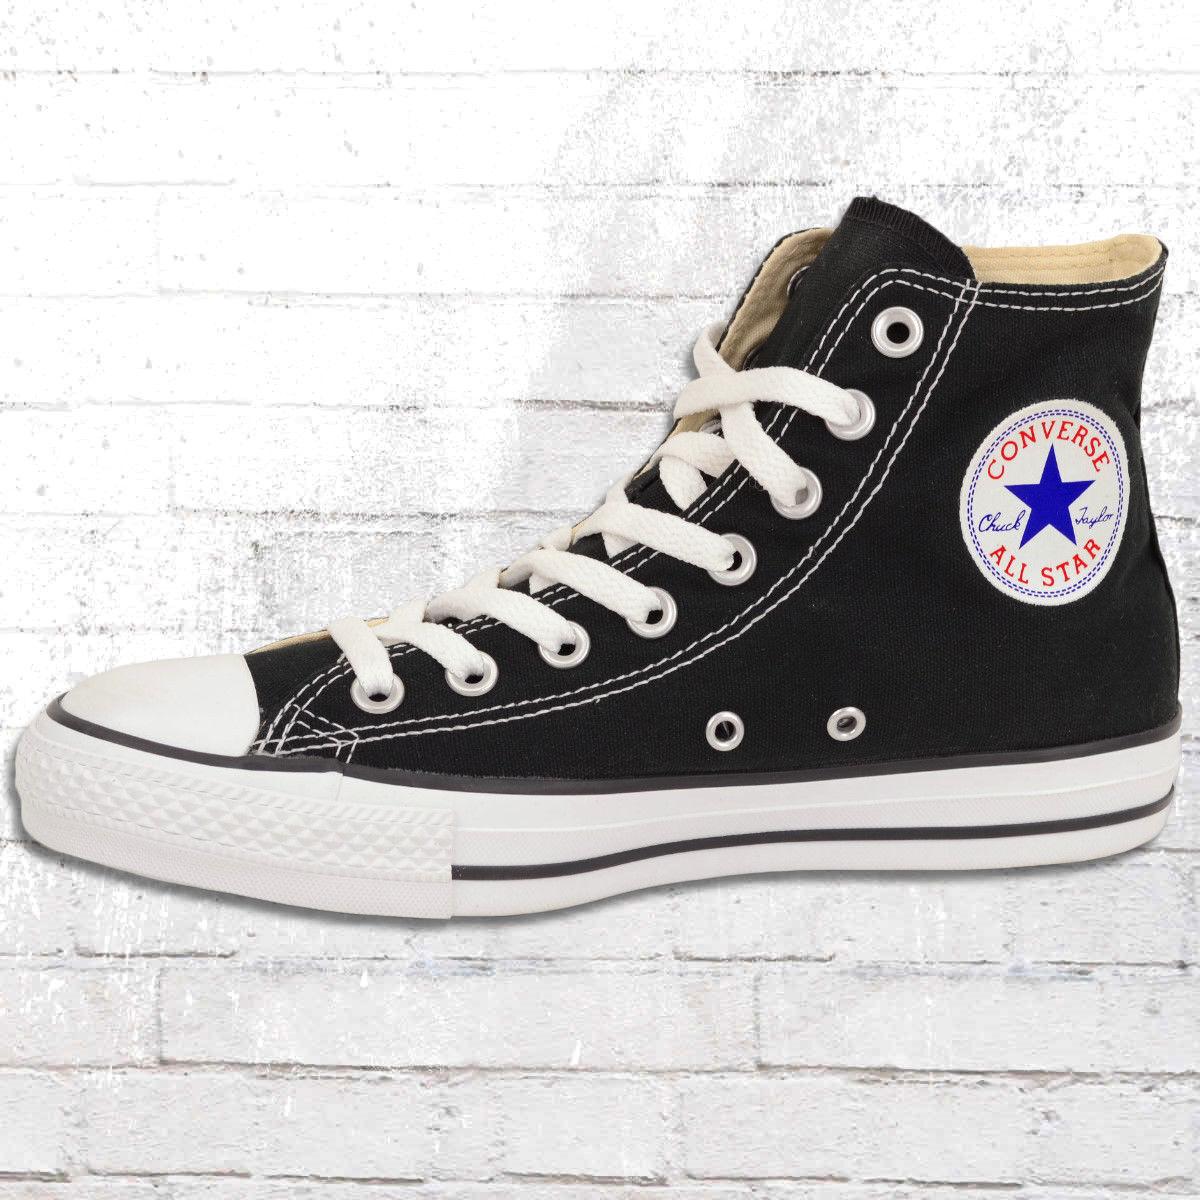 Converse Chucks Sneaker M 9160 NERO Chuck Tailor Scarpe All Star CT Hi chacks Scarpe classiche da uomo